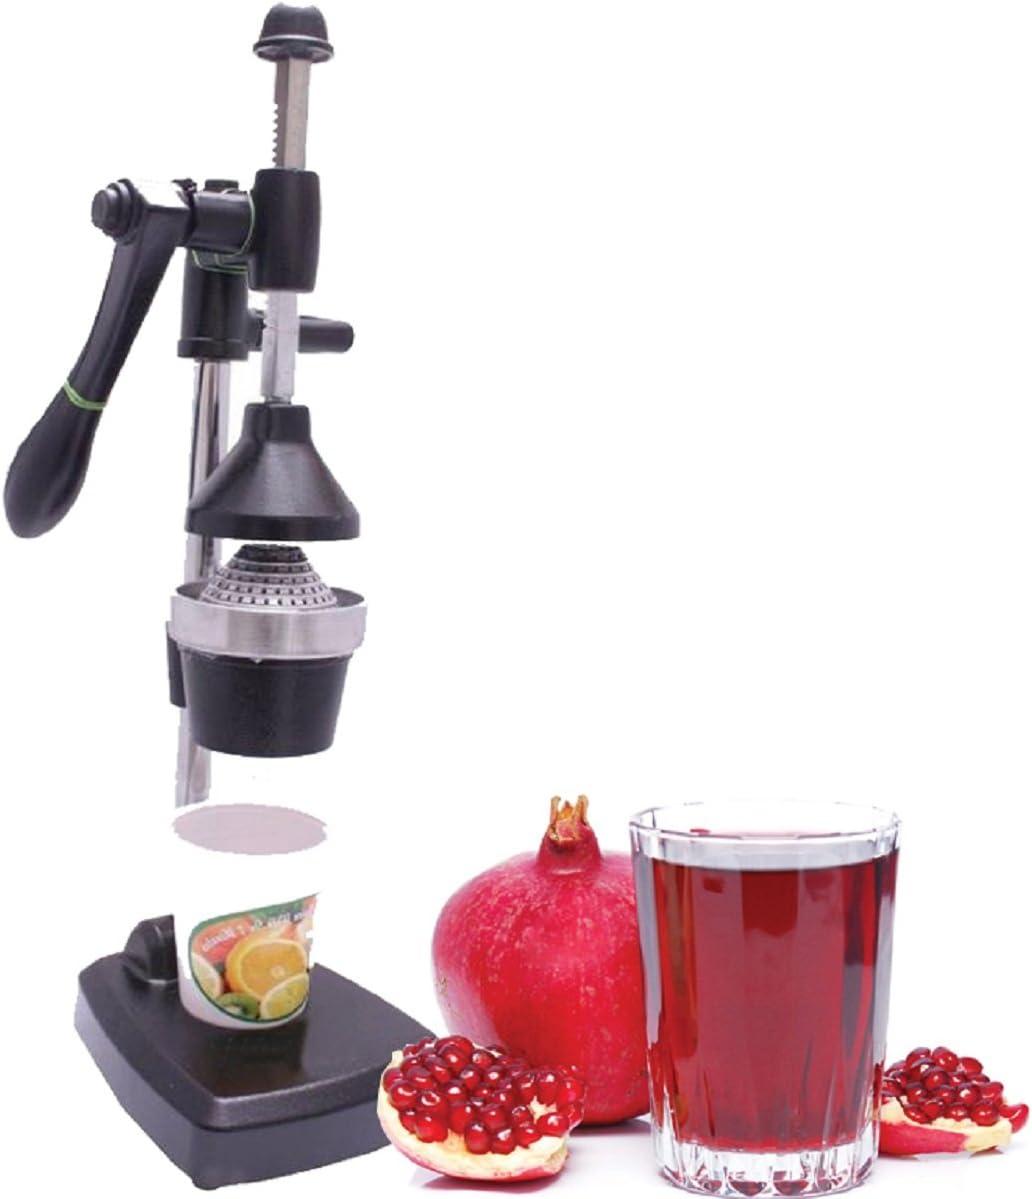 Compra Kuber industrias presión de la mano exprimidor/licuadora de frutas/verduras exprimidor manual/exprimidor manual (hptj12) en Amazon.es